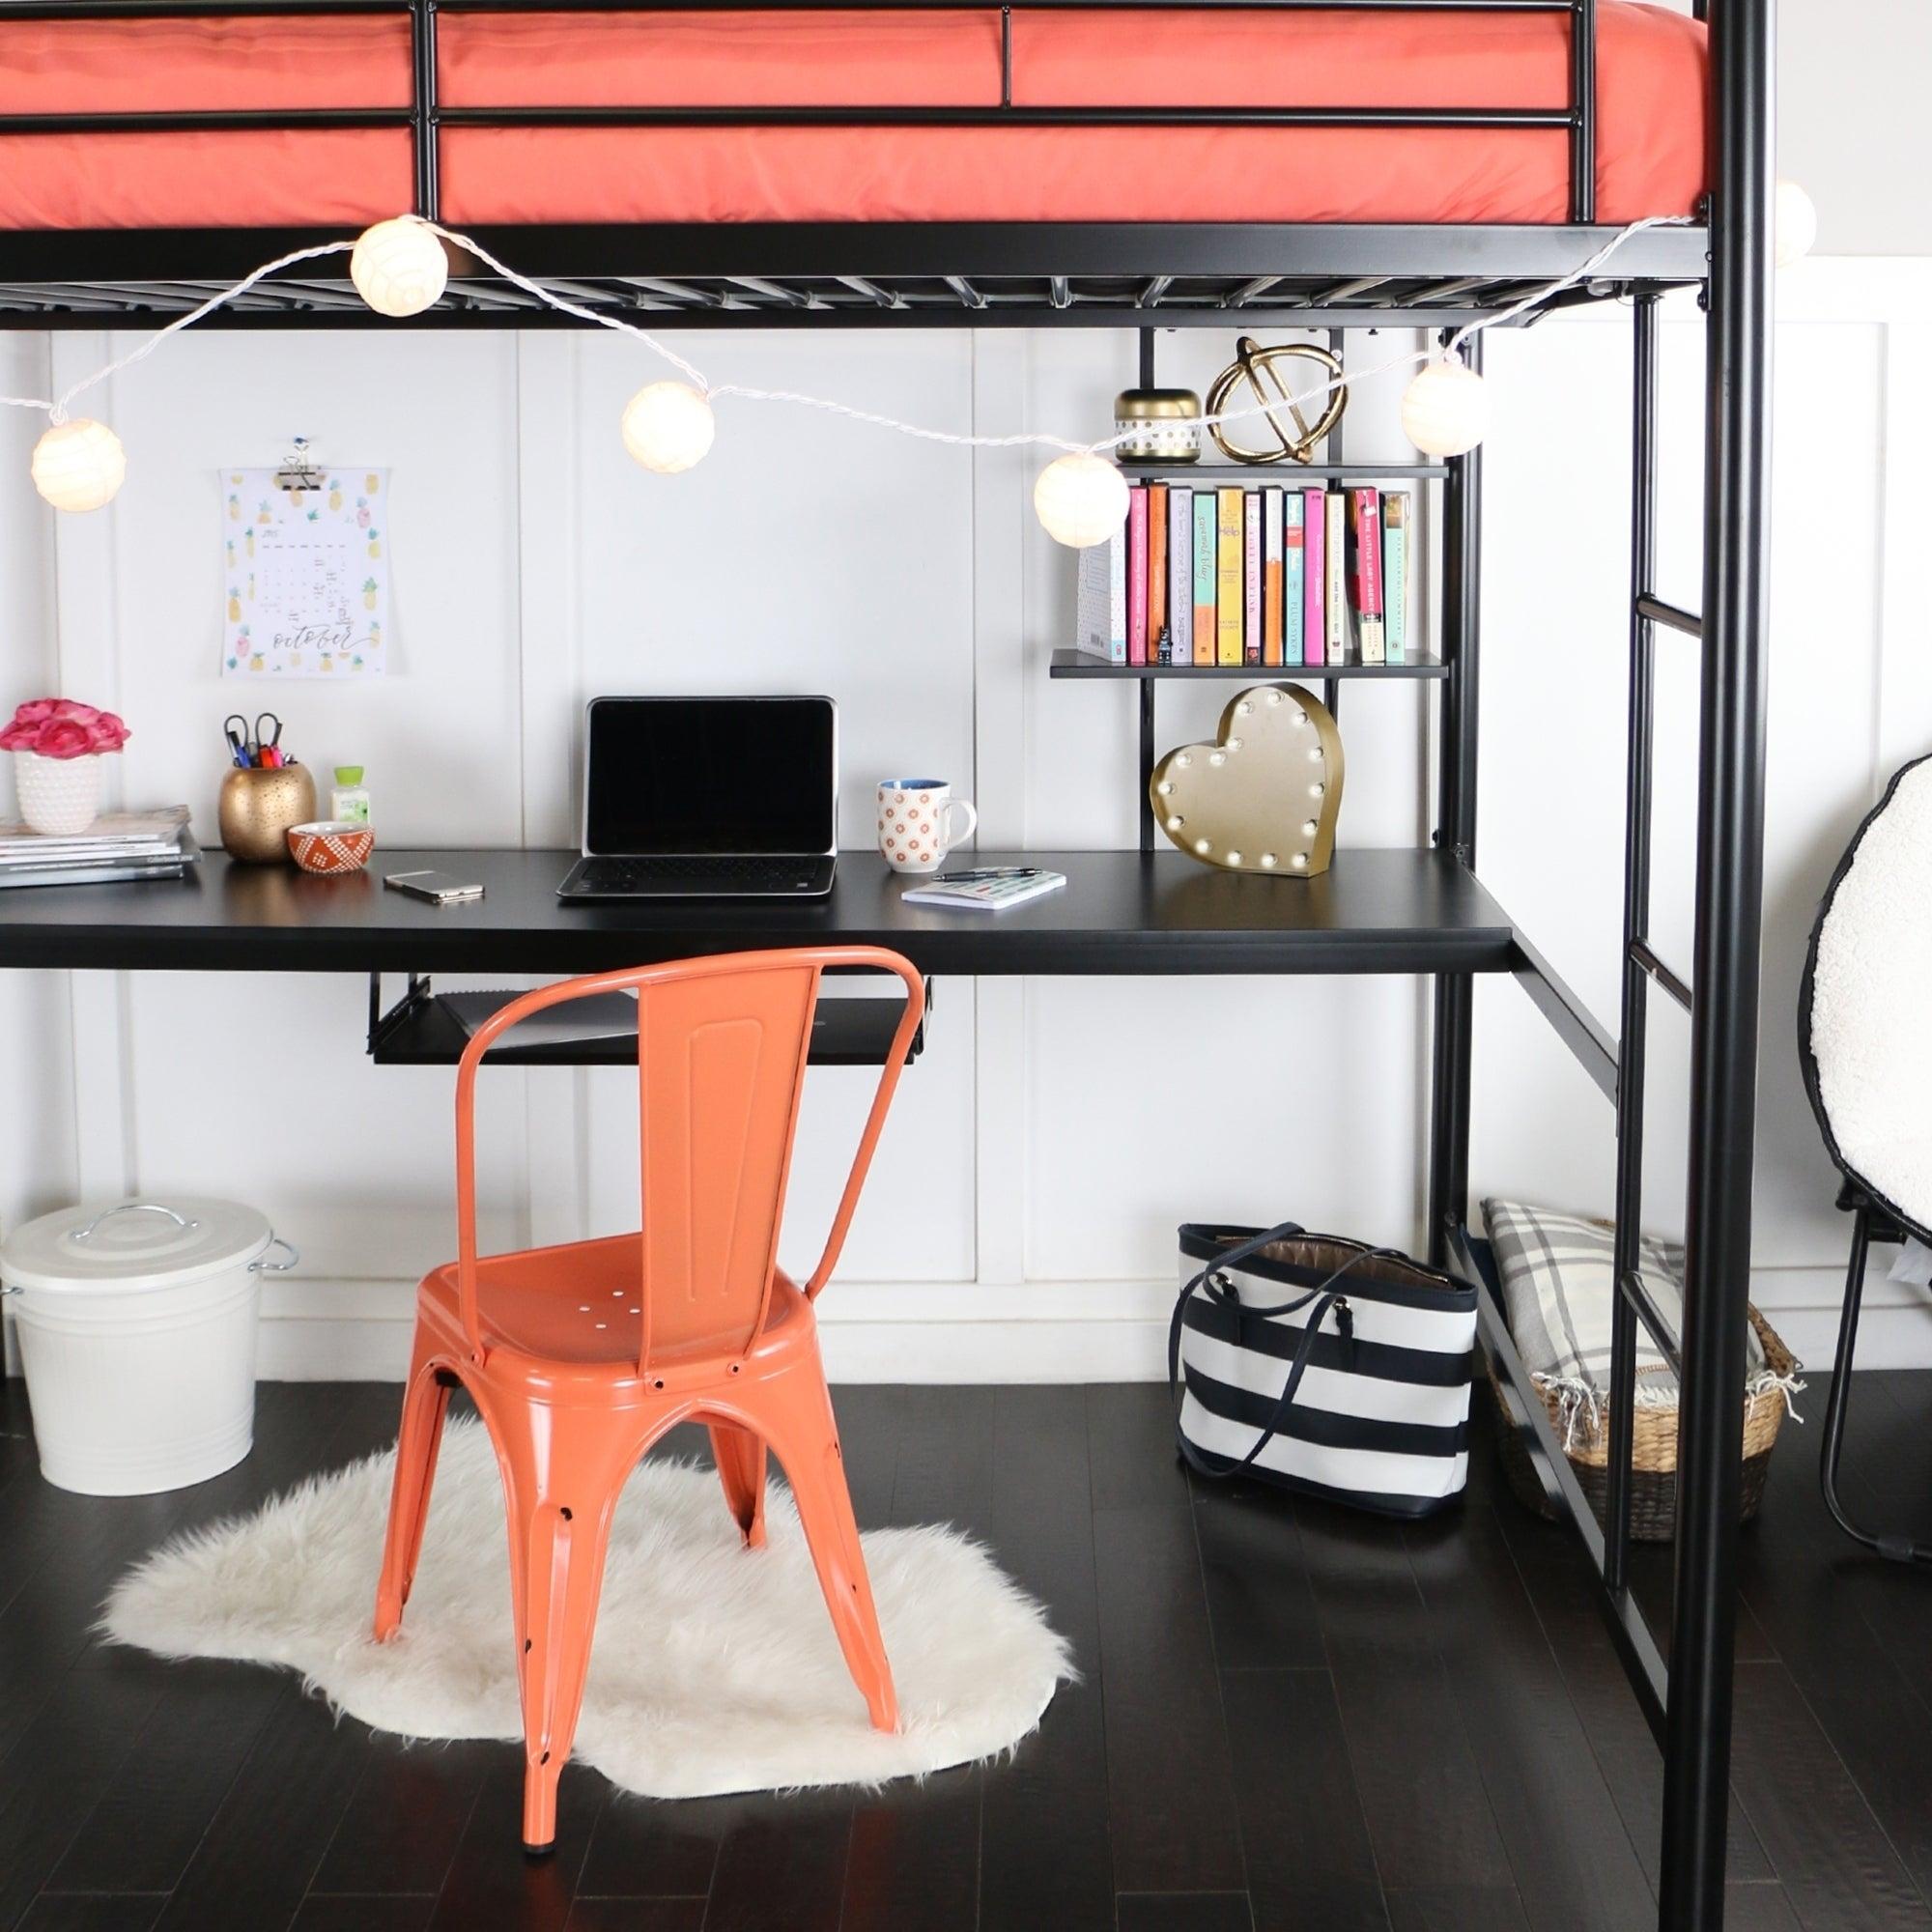 Overstock.com & Taylor \u0026 Olive Baikal Full Metal Black Loft Bed with Desk